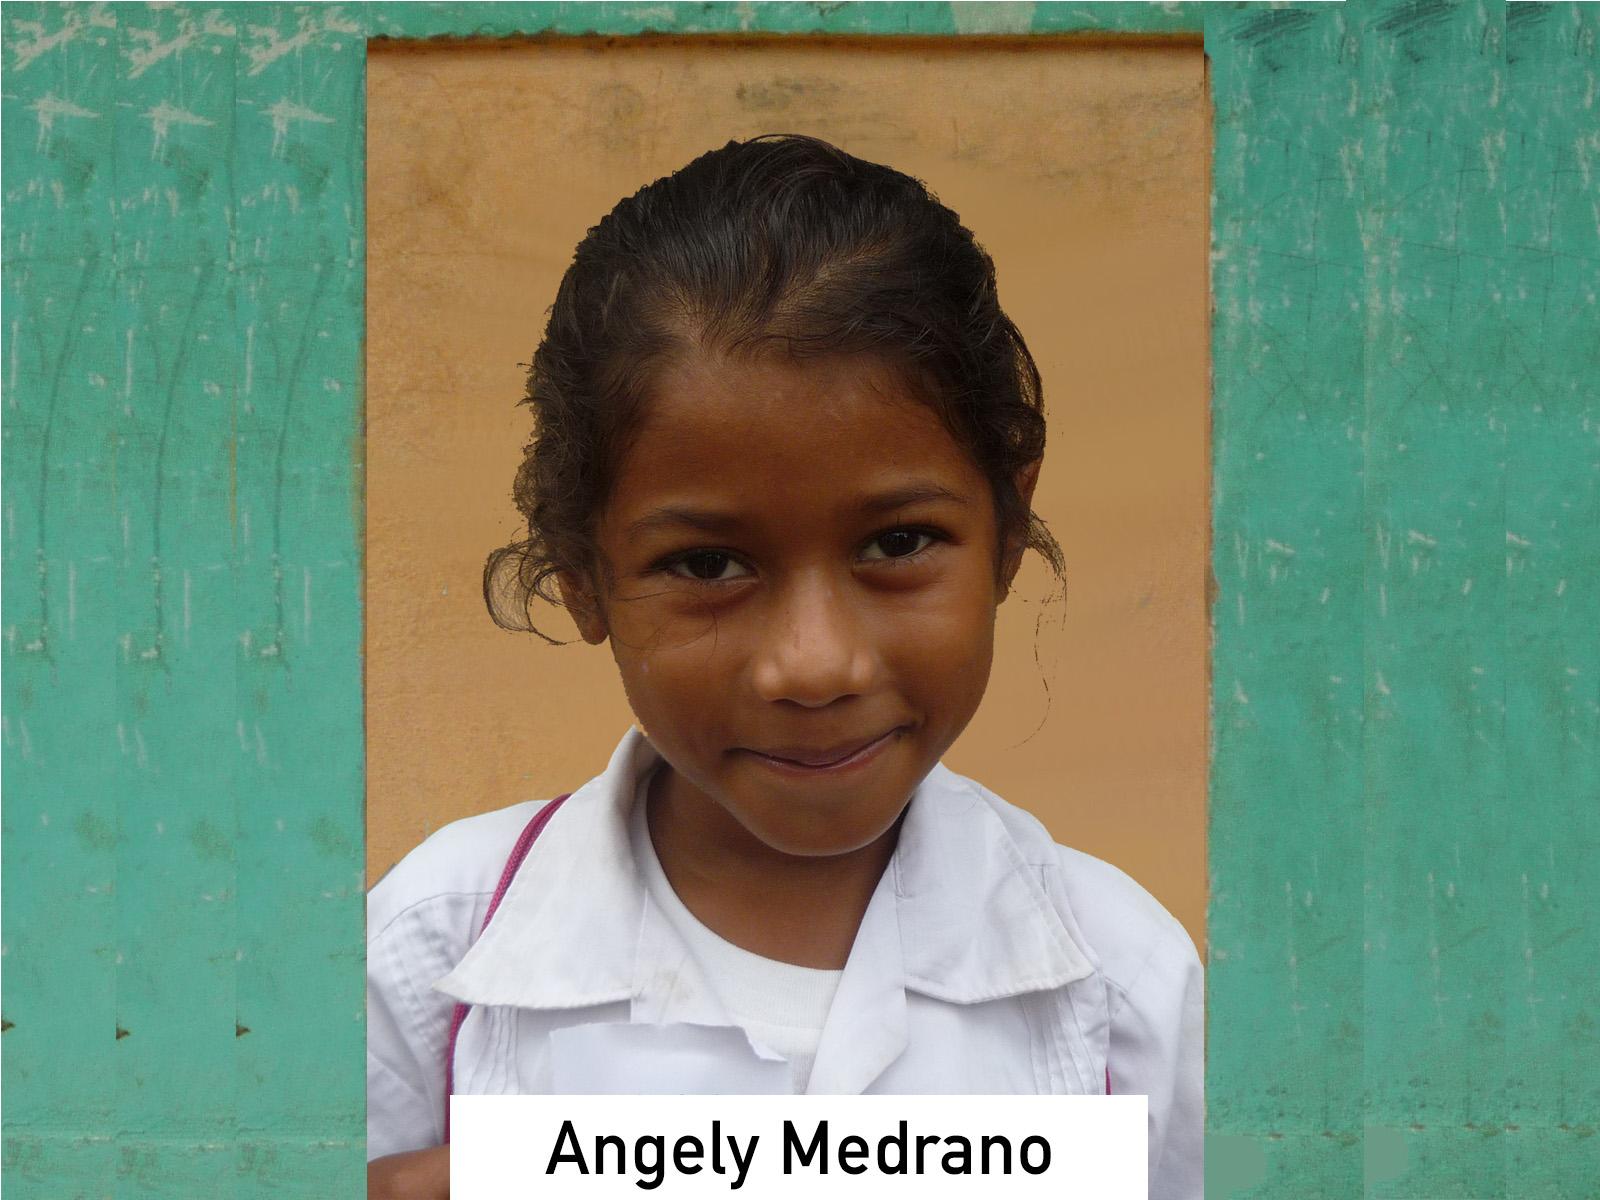 025 - Angely Medrano.jpg